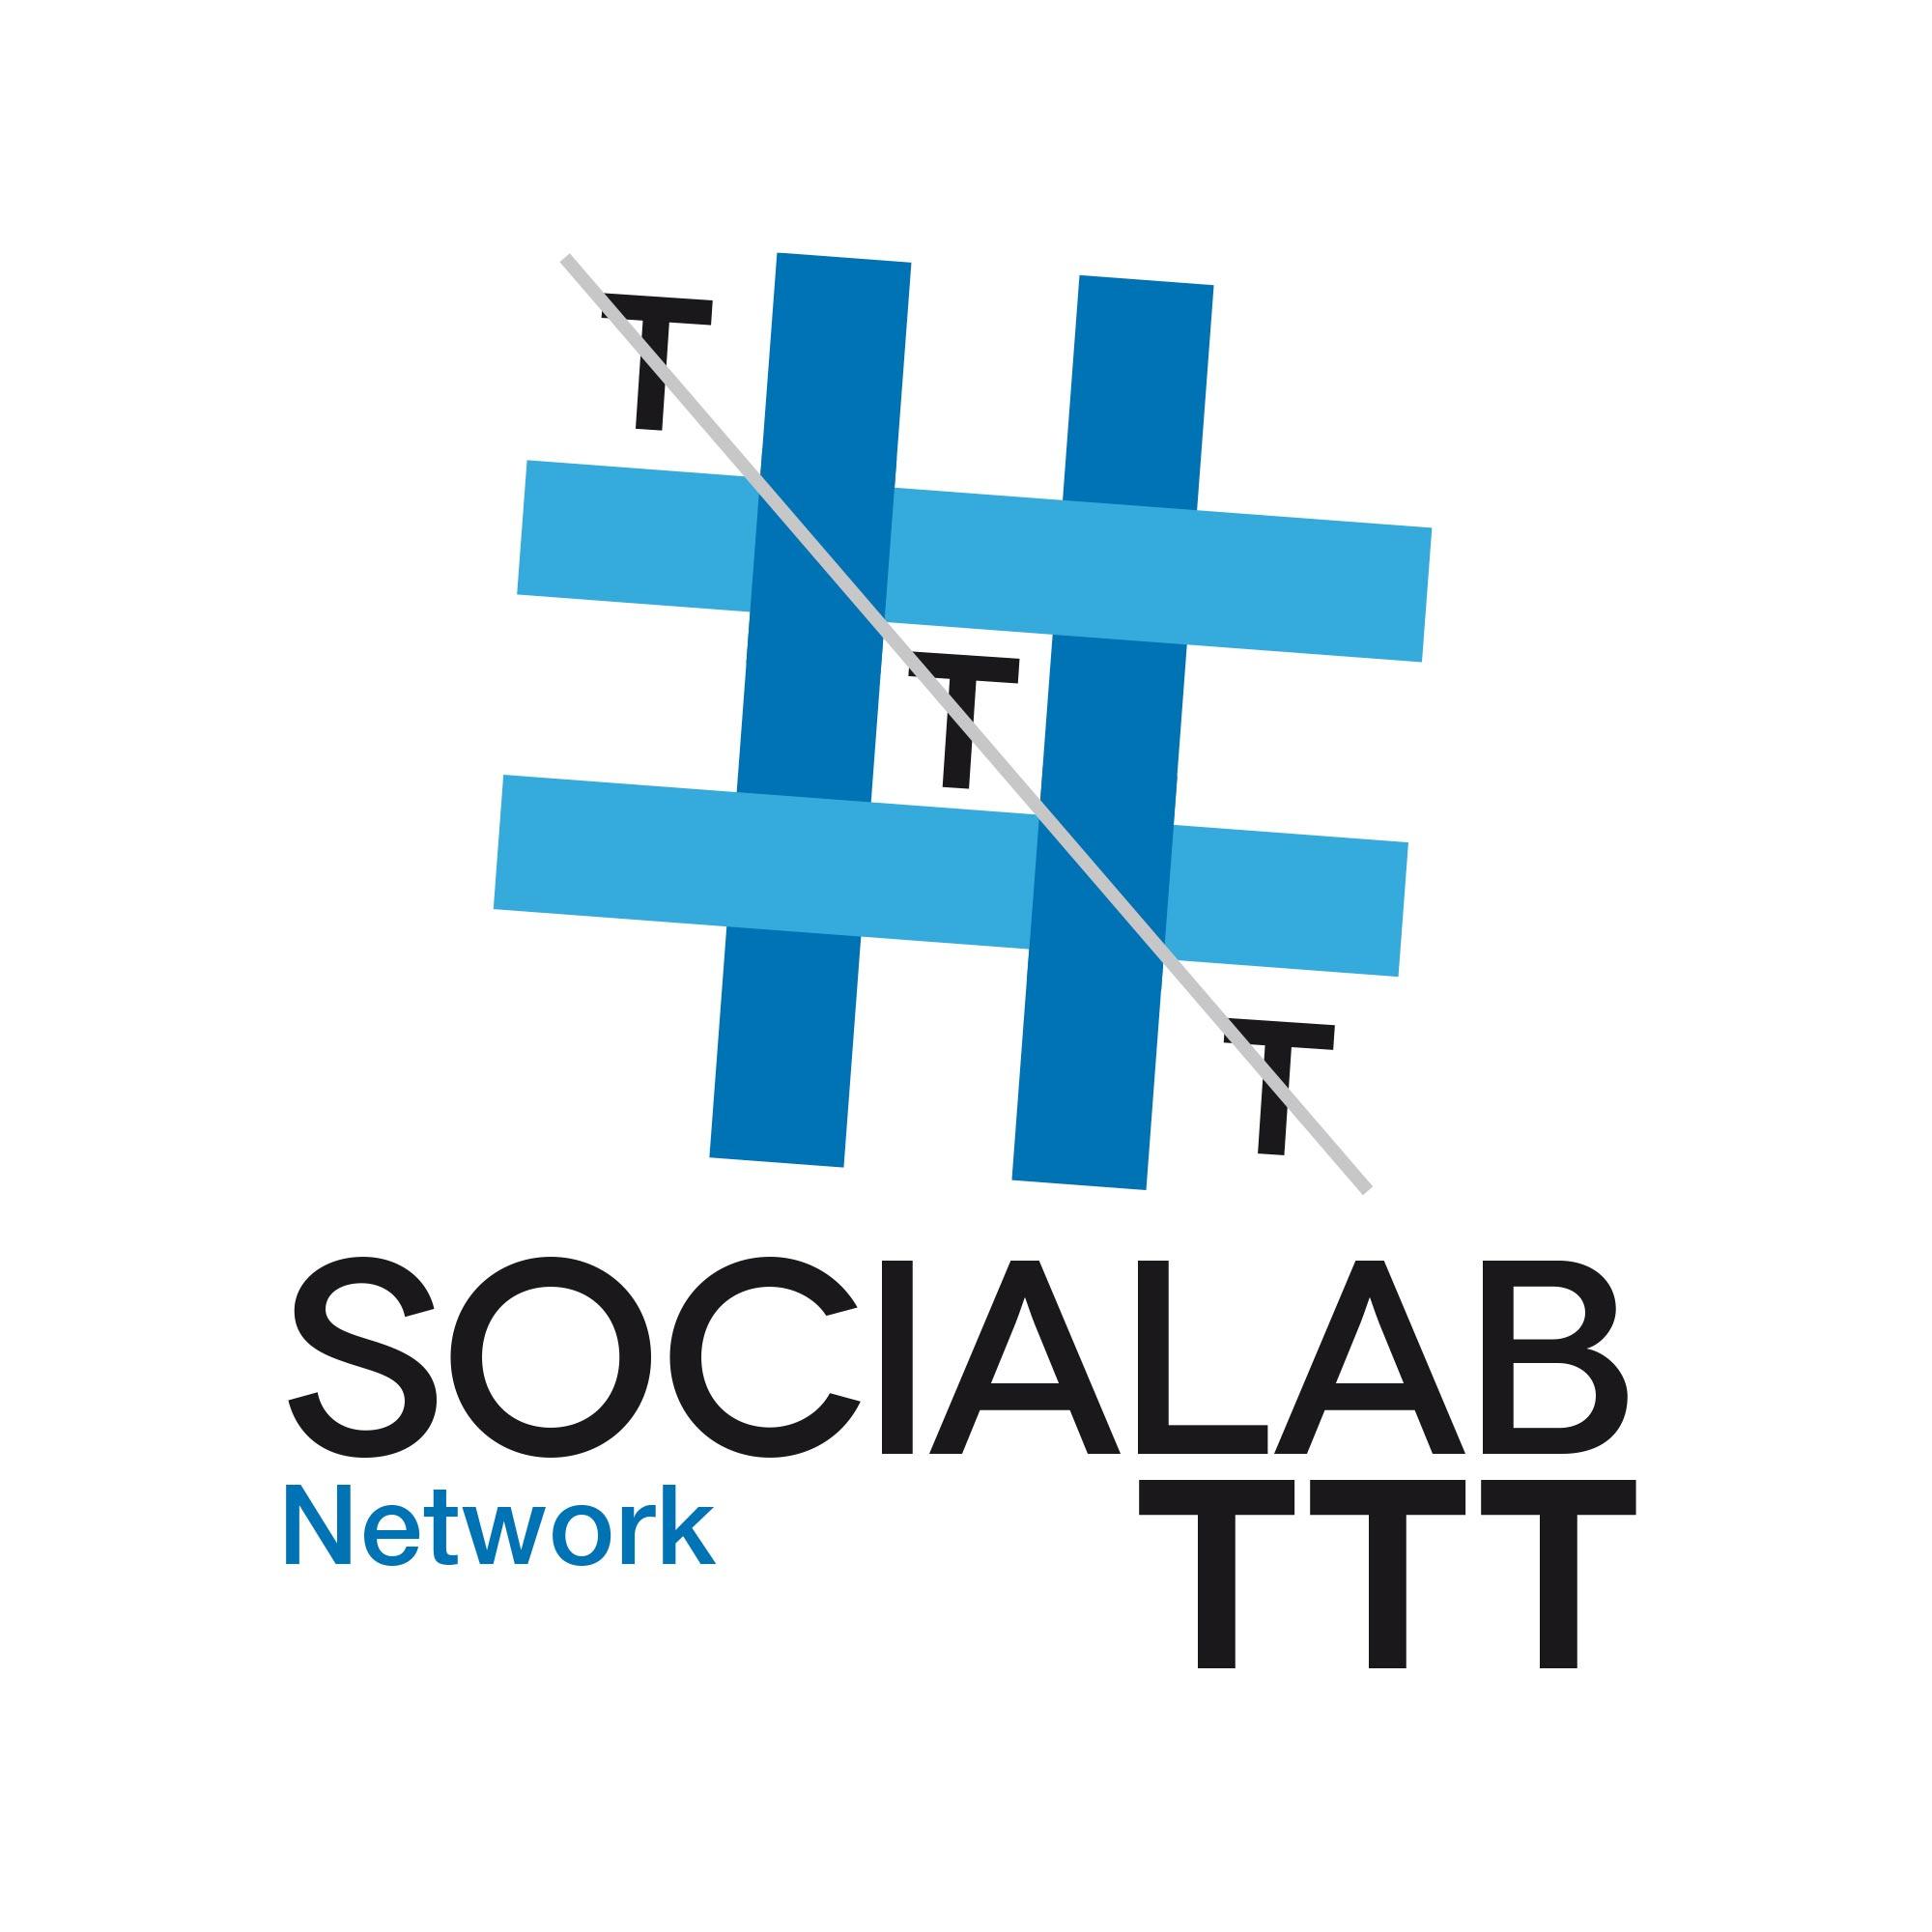 socialab ttt